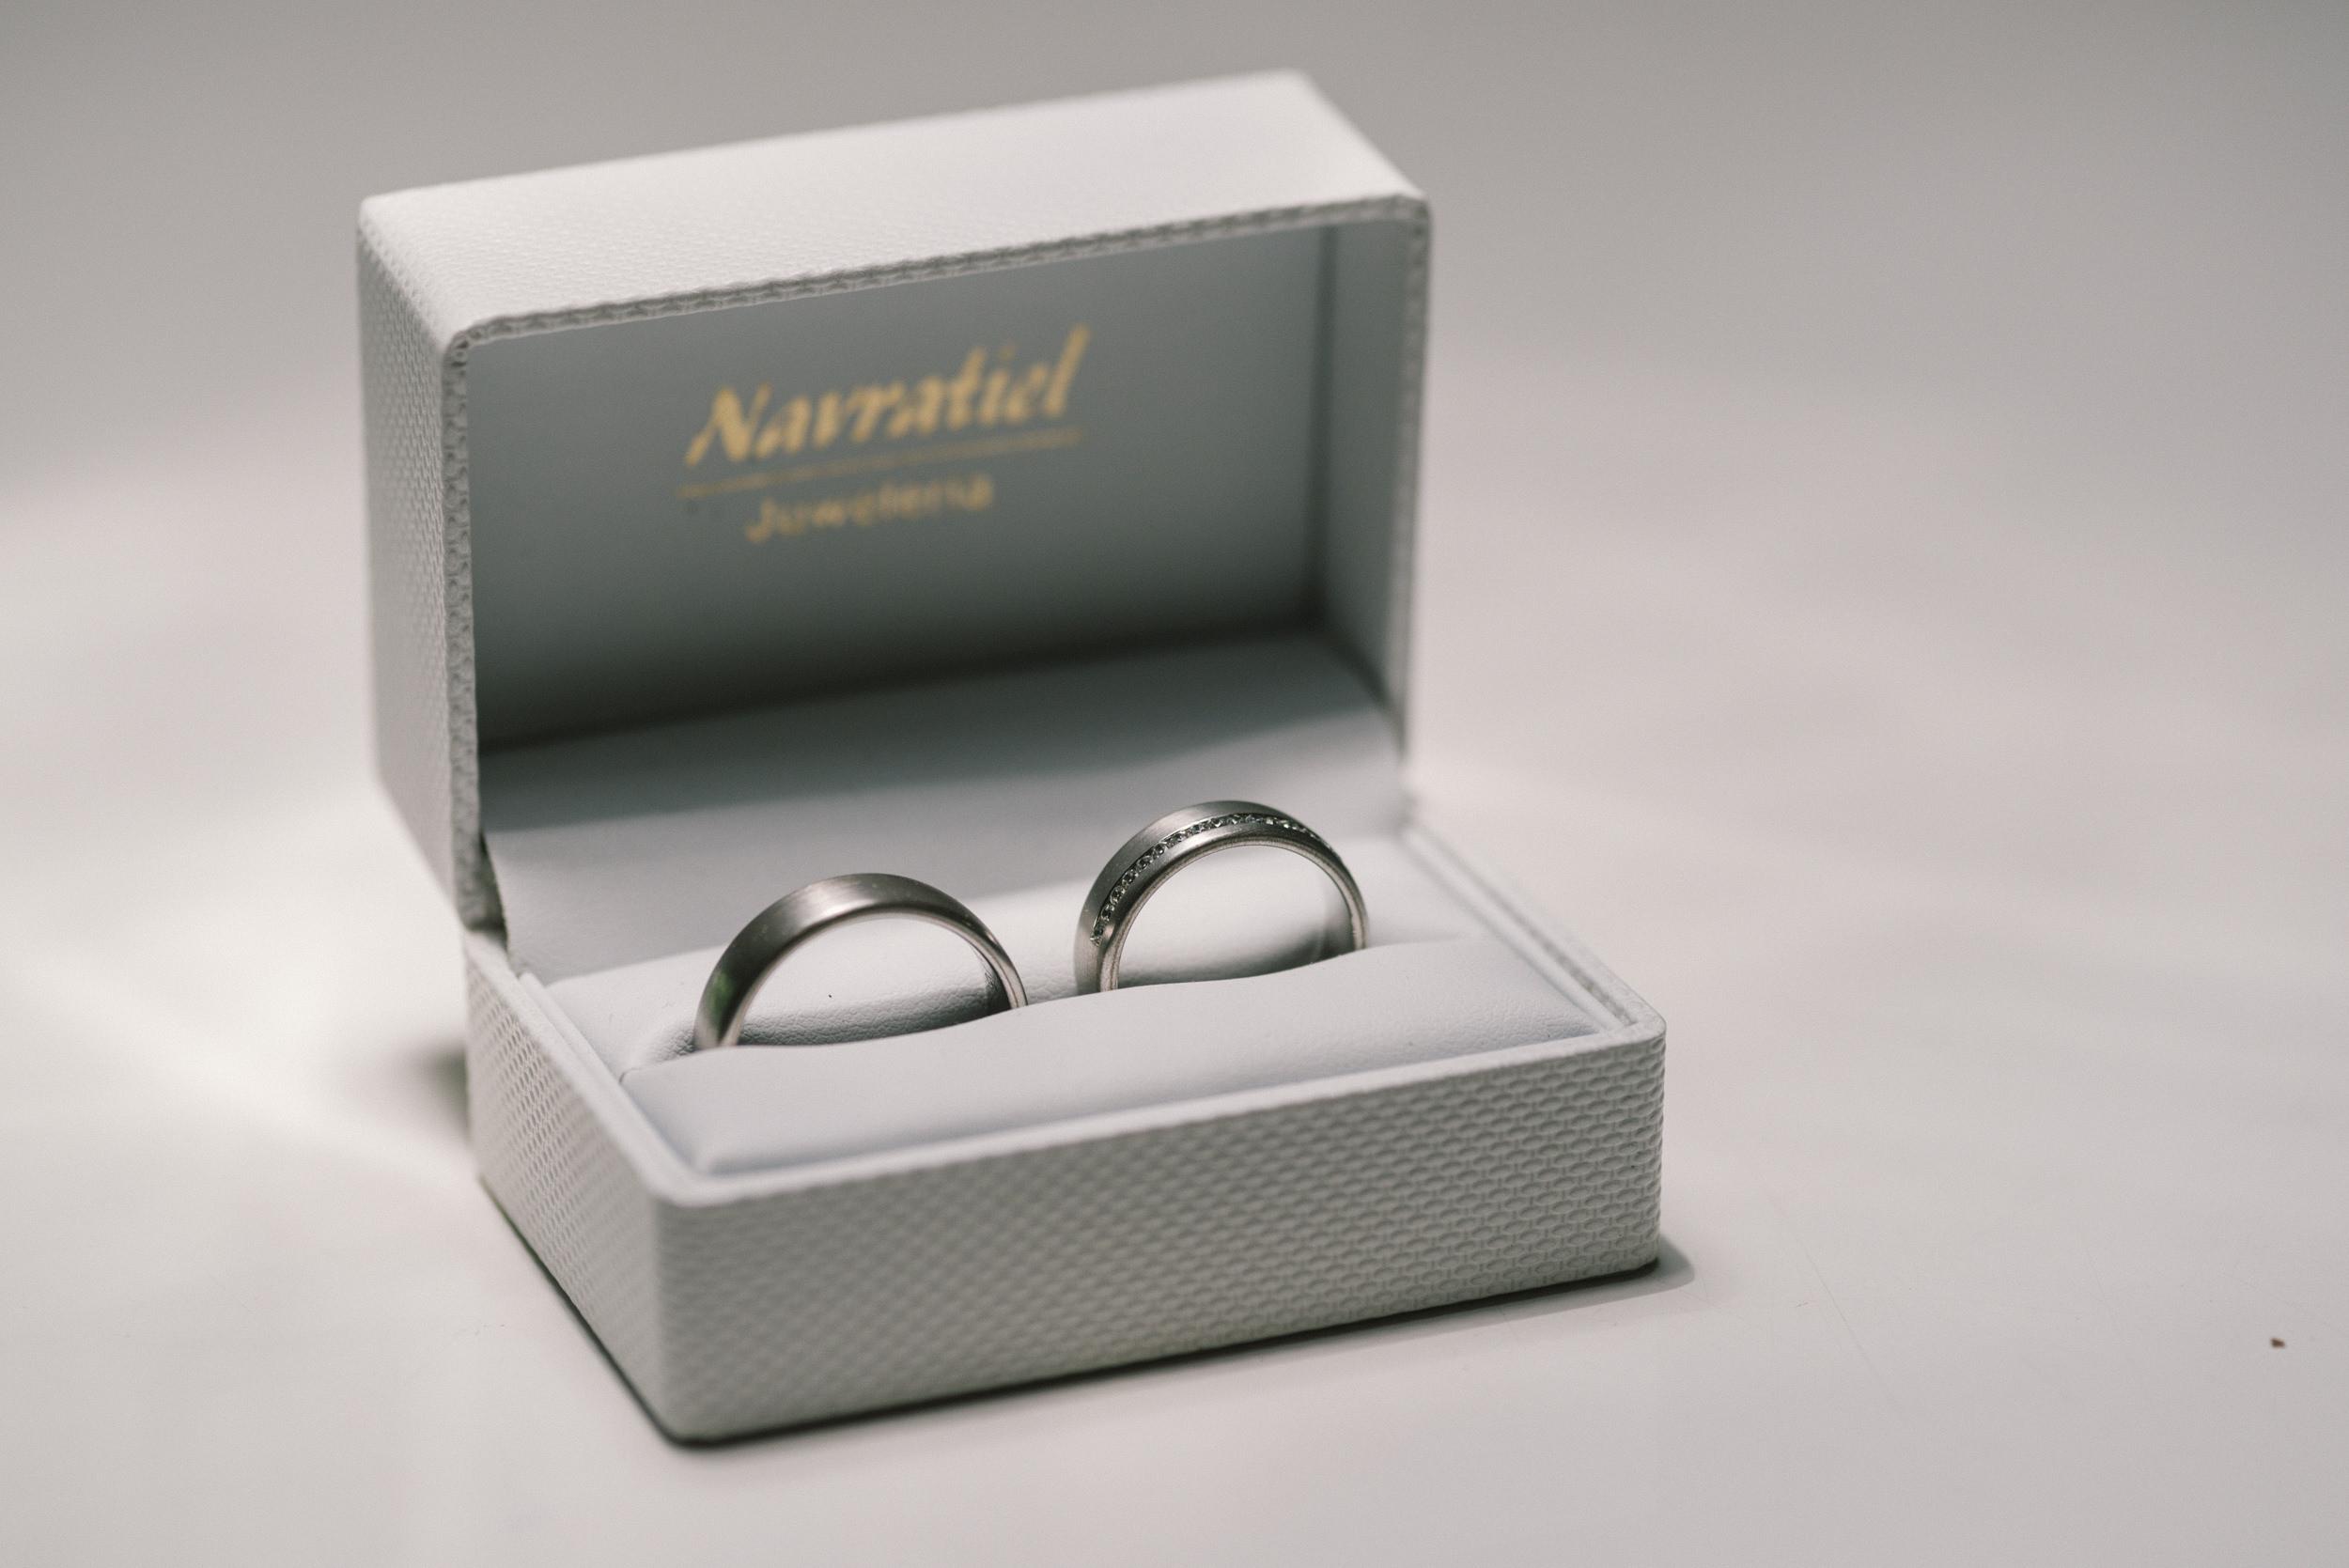 Juweleria_Navratiel_Görlitz_Trauringe